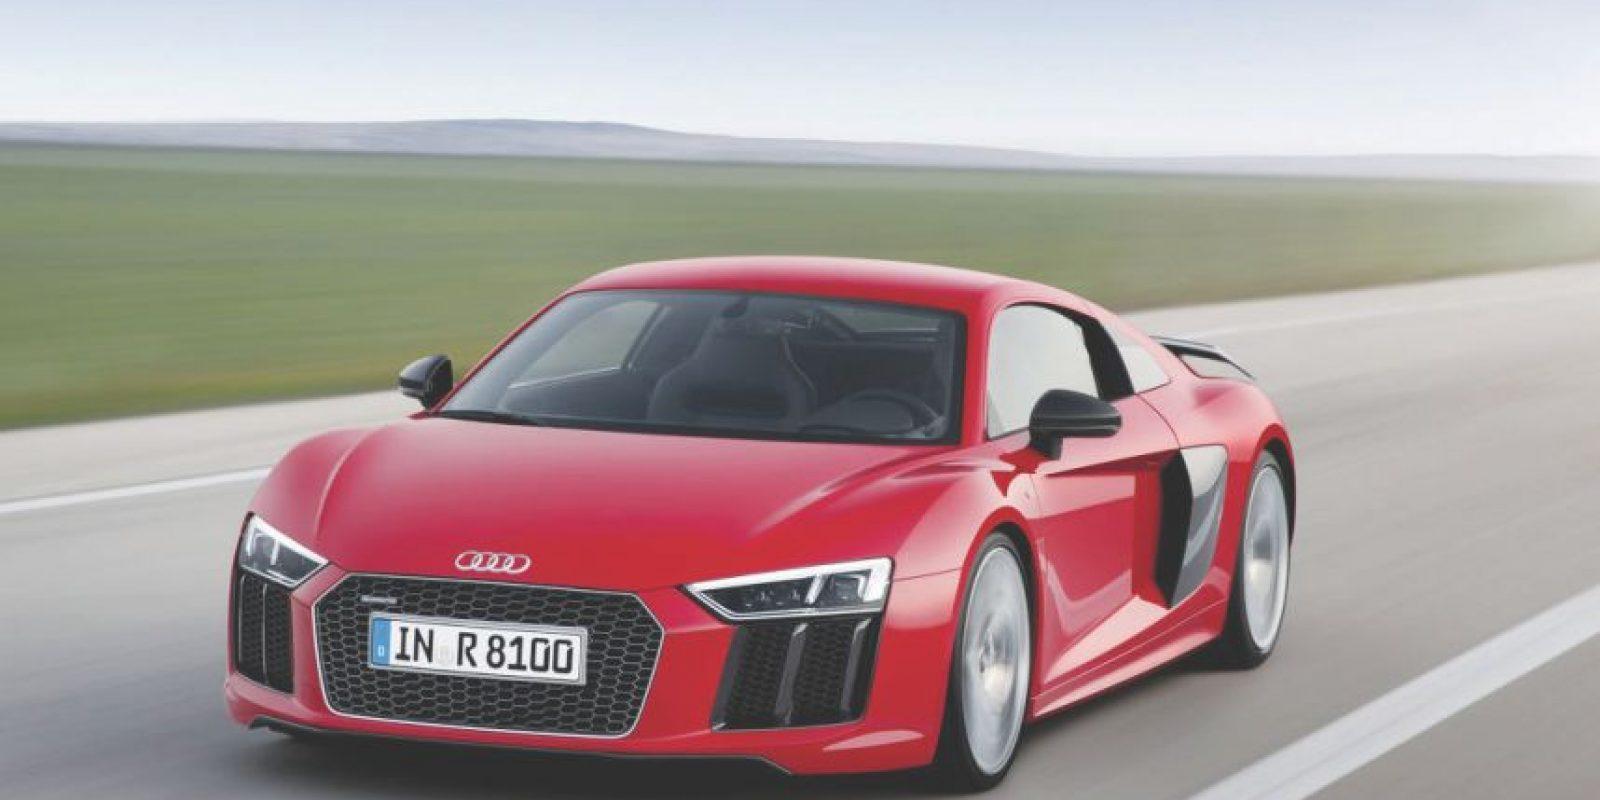 Con la puesta en marcha de las agencias deportivas de Audi podrán ampliar su espectro en el mercado nacional. Foto:Audi